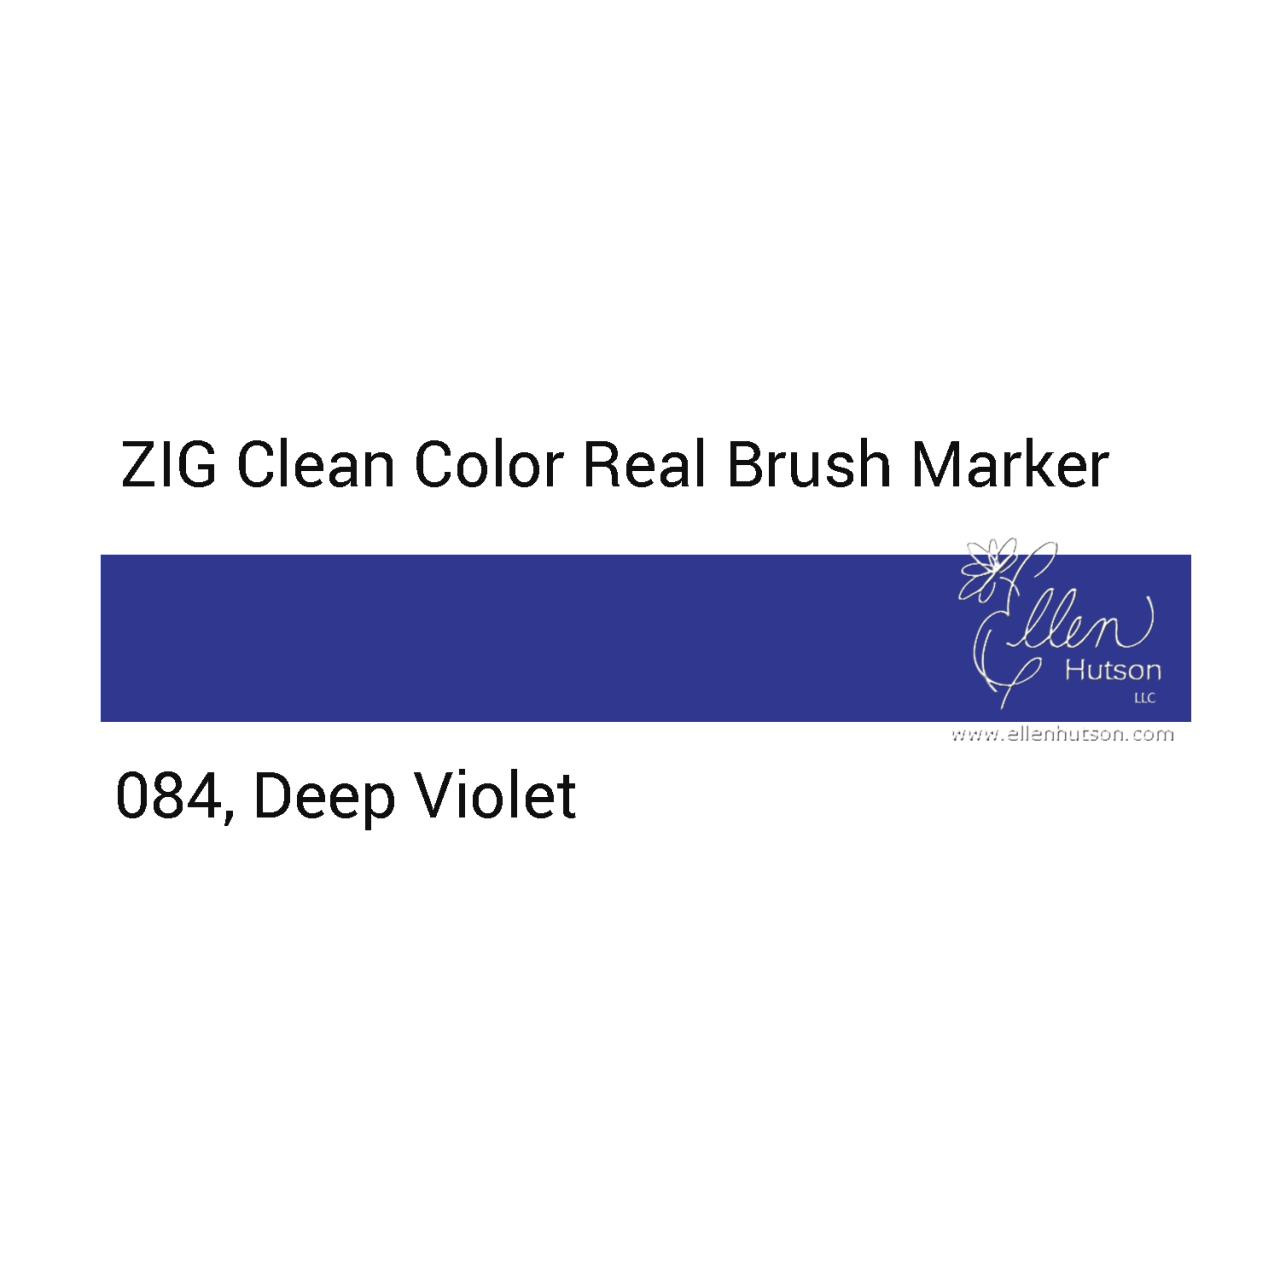 084 - Deep Violet, ZIG Clean Color Real Brush Marker -